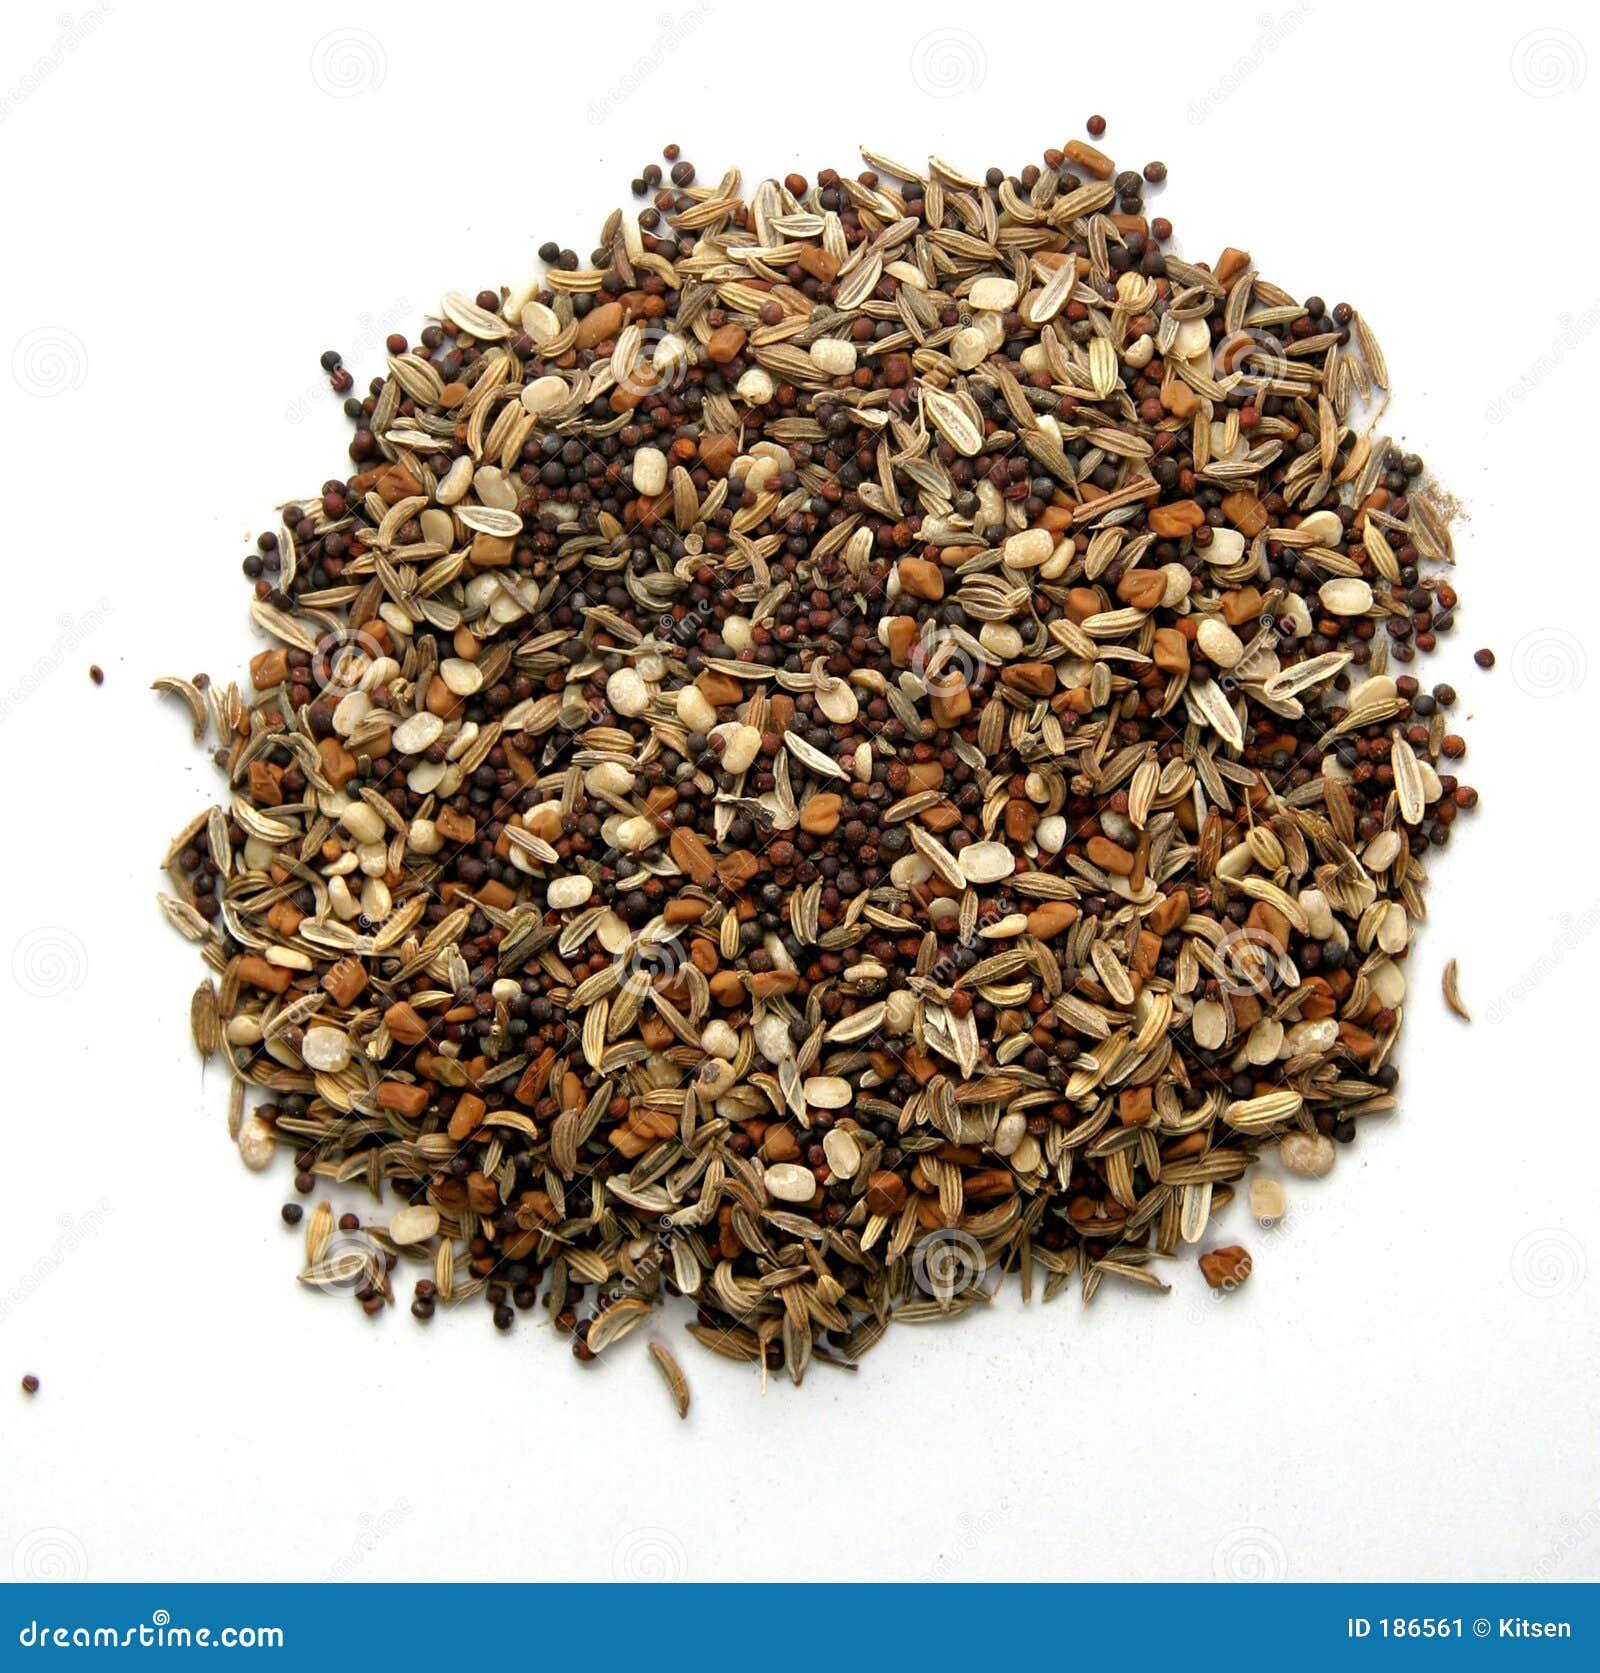 Hierba y especia mezcladas